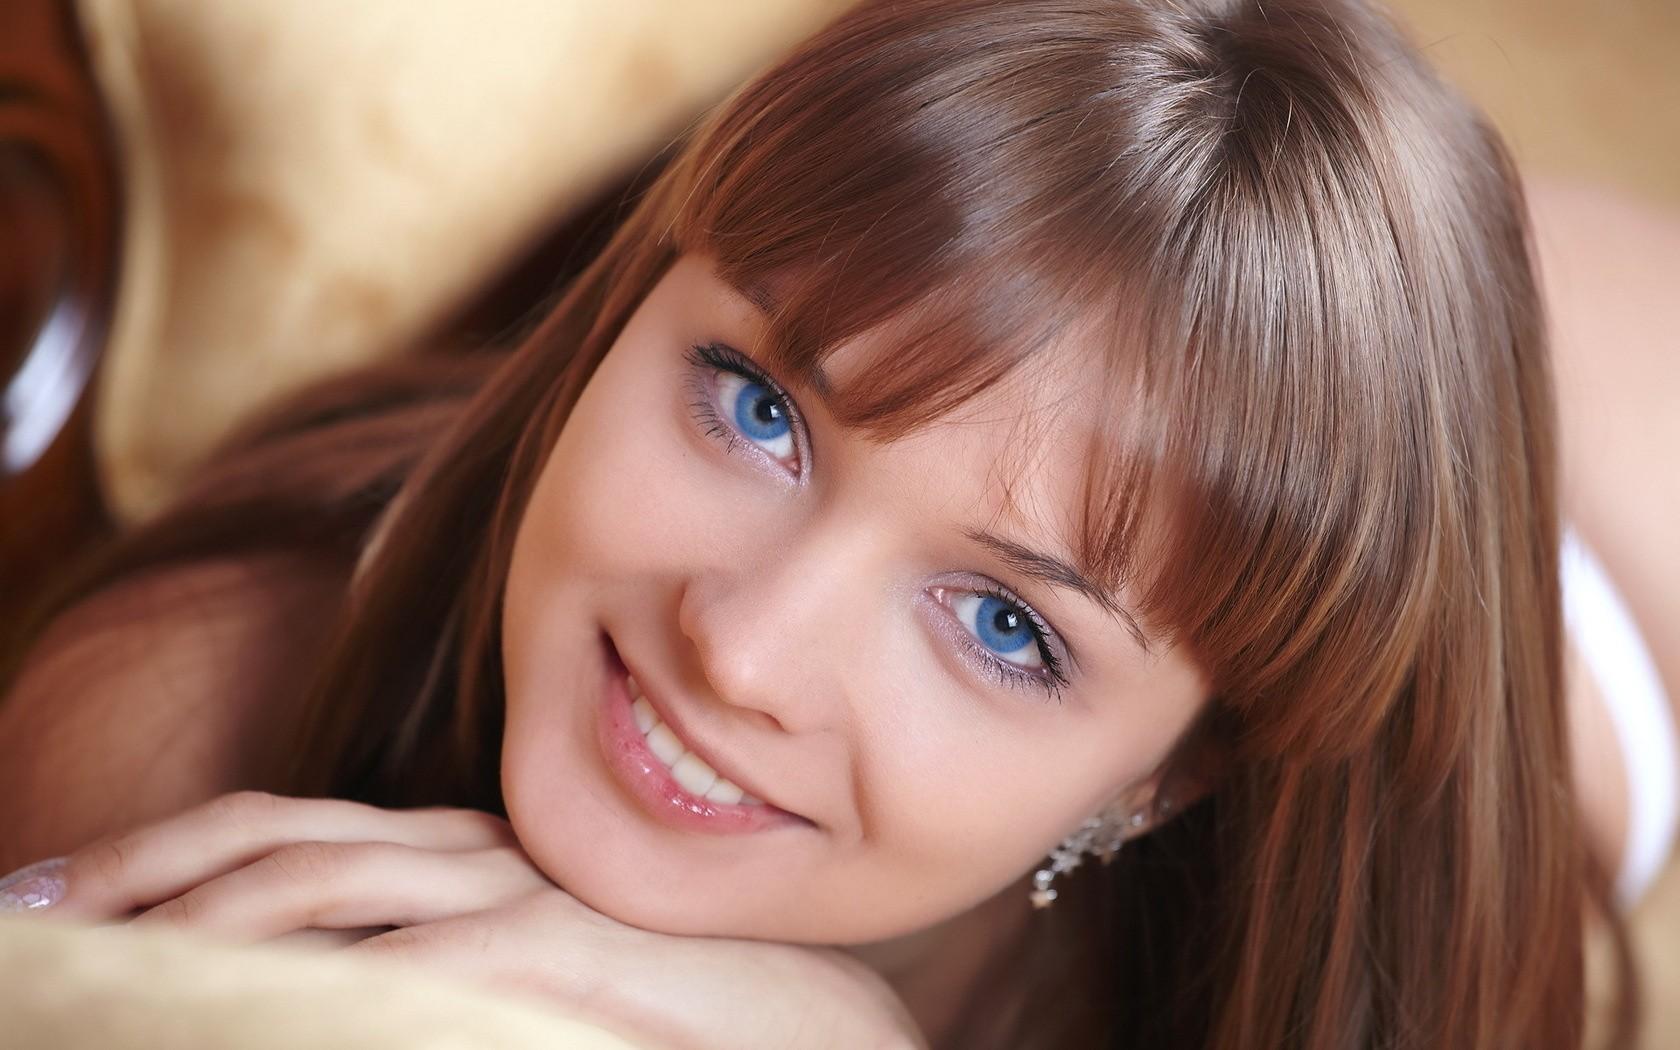 Ojos celestes - 1680x1050